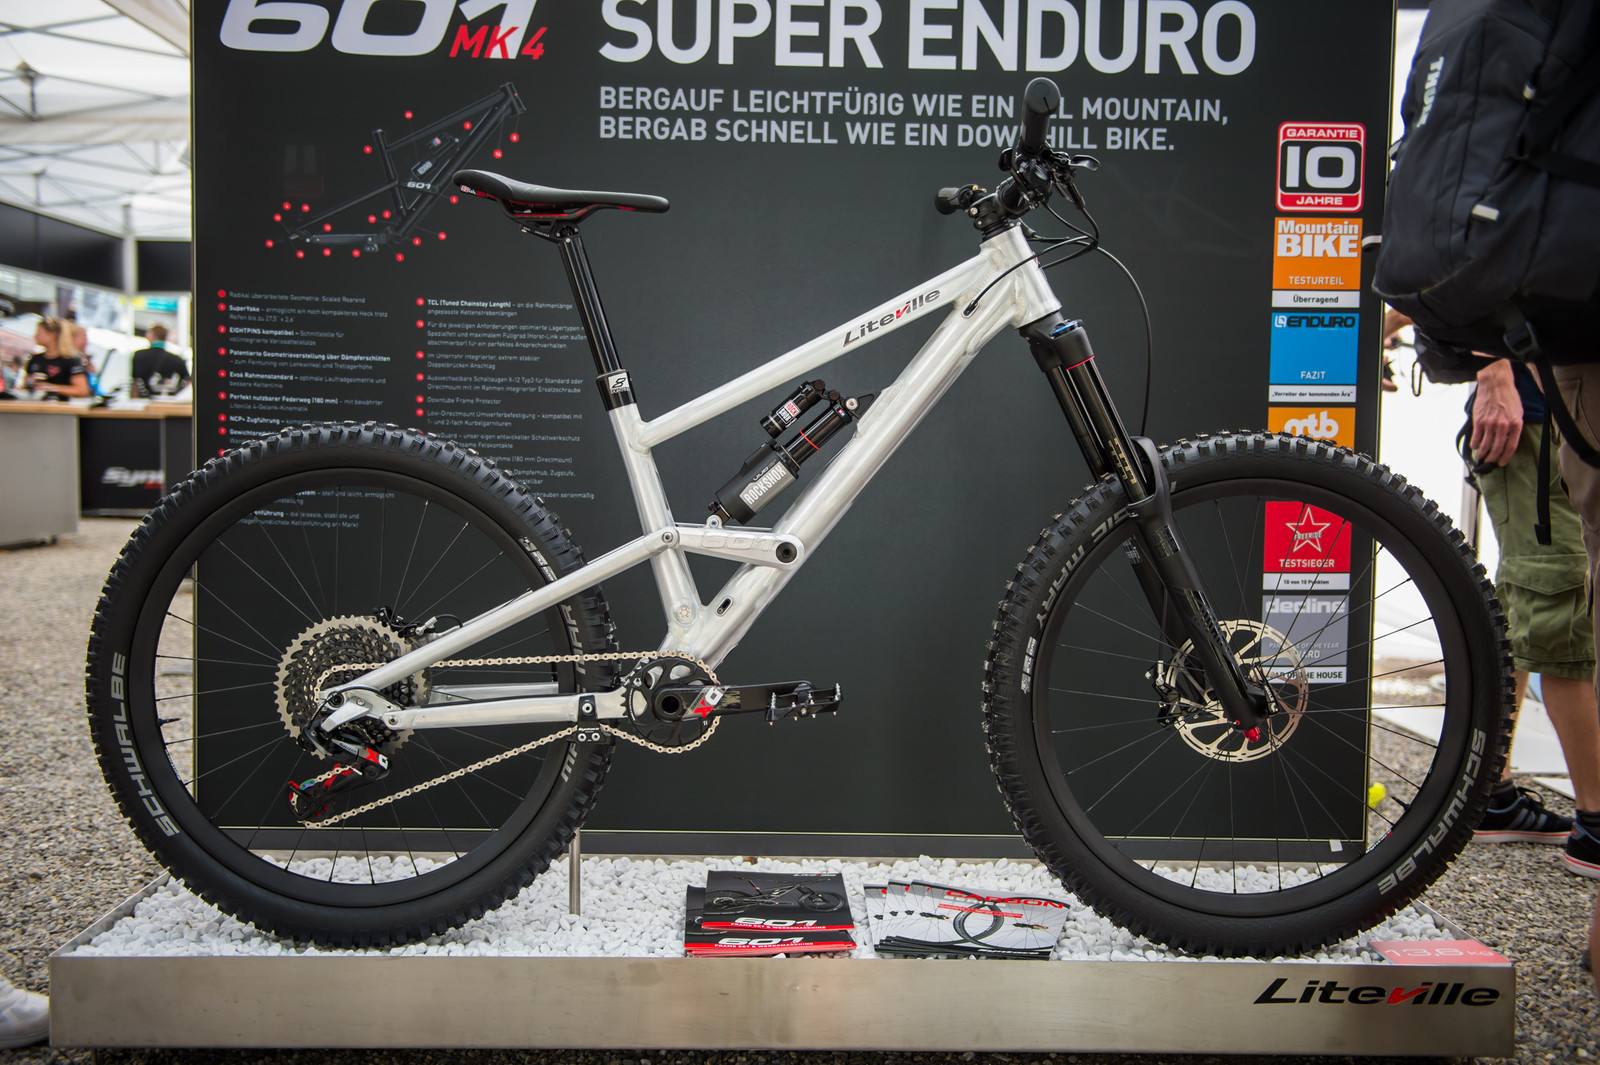 Liteville 601MK4 Super Enduro bike.